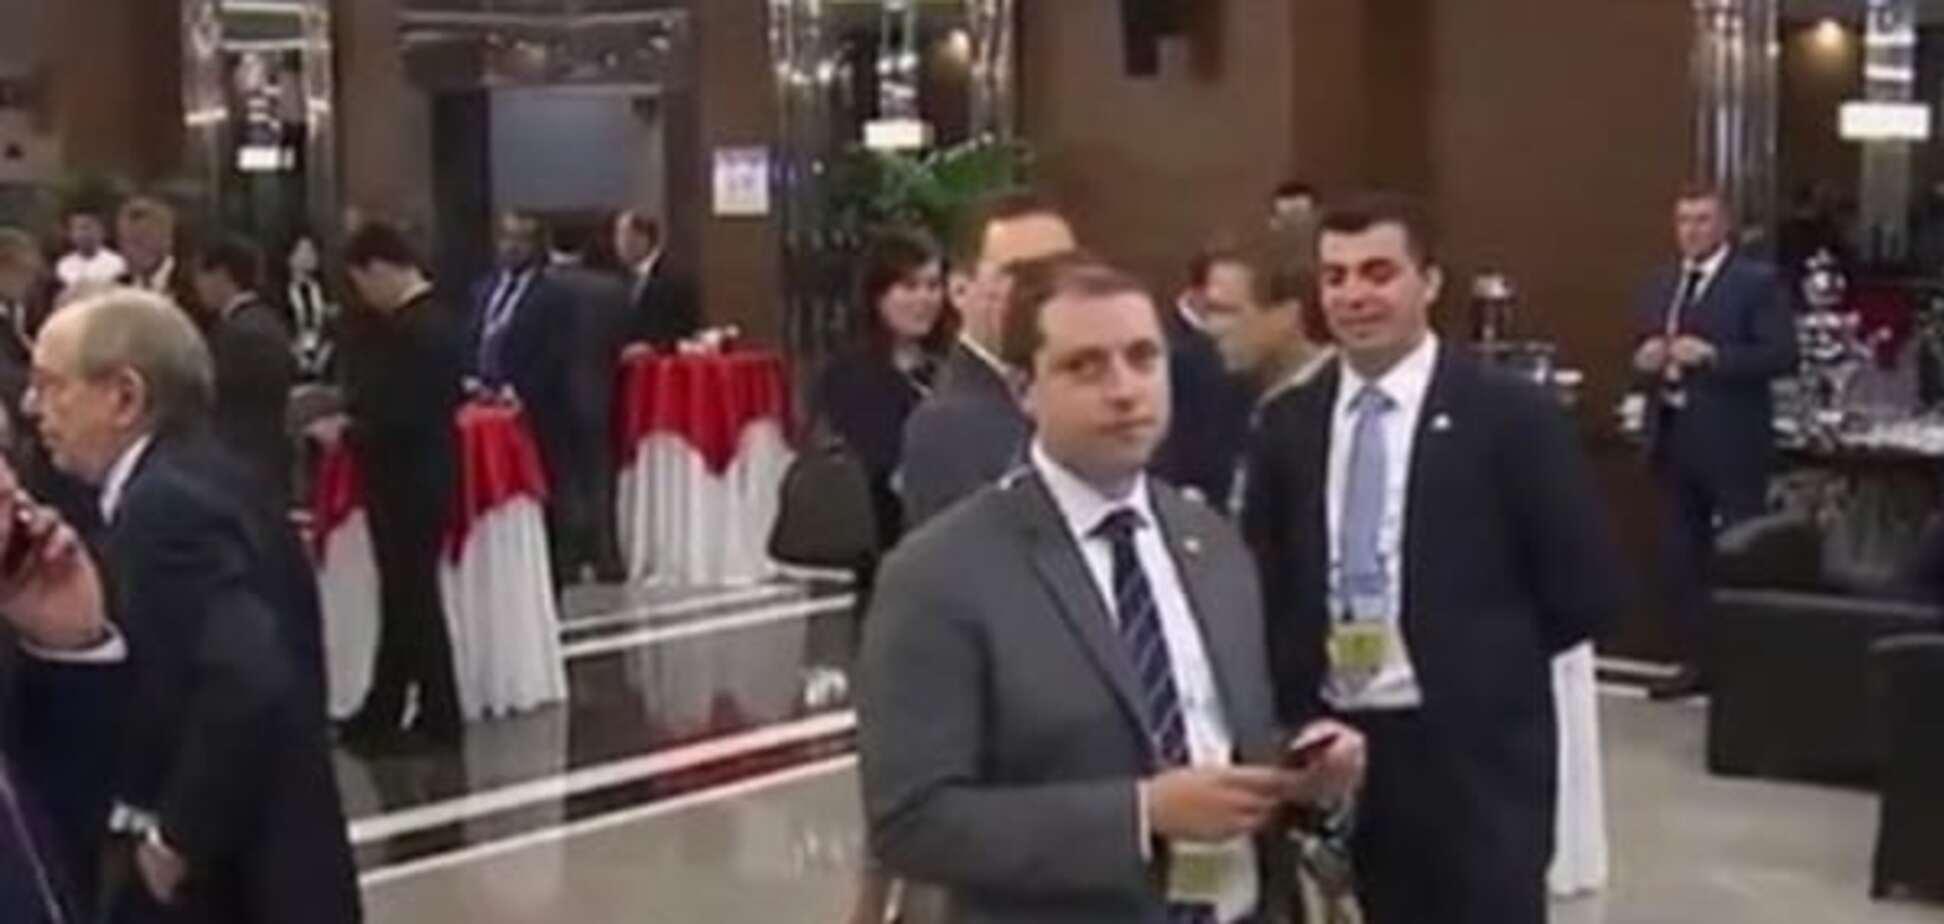 Бонд, Джеймс Бонд: розкрито 'шпигуна', що стежив за Путіним і Обамою на G20. Відеофакт